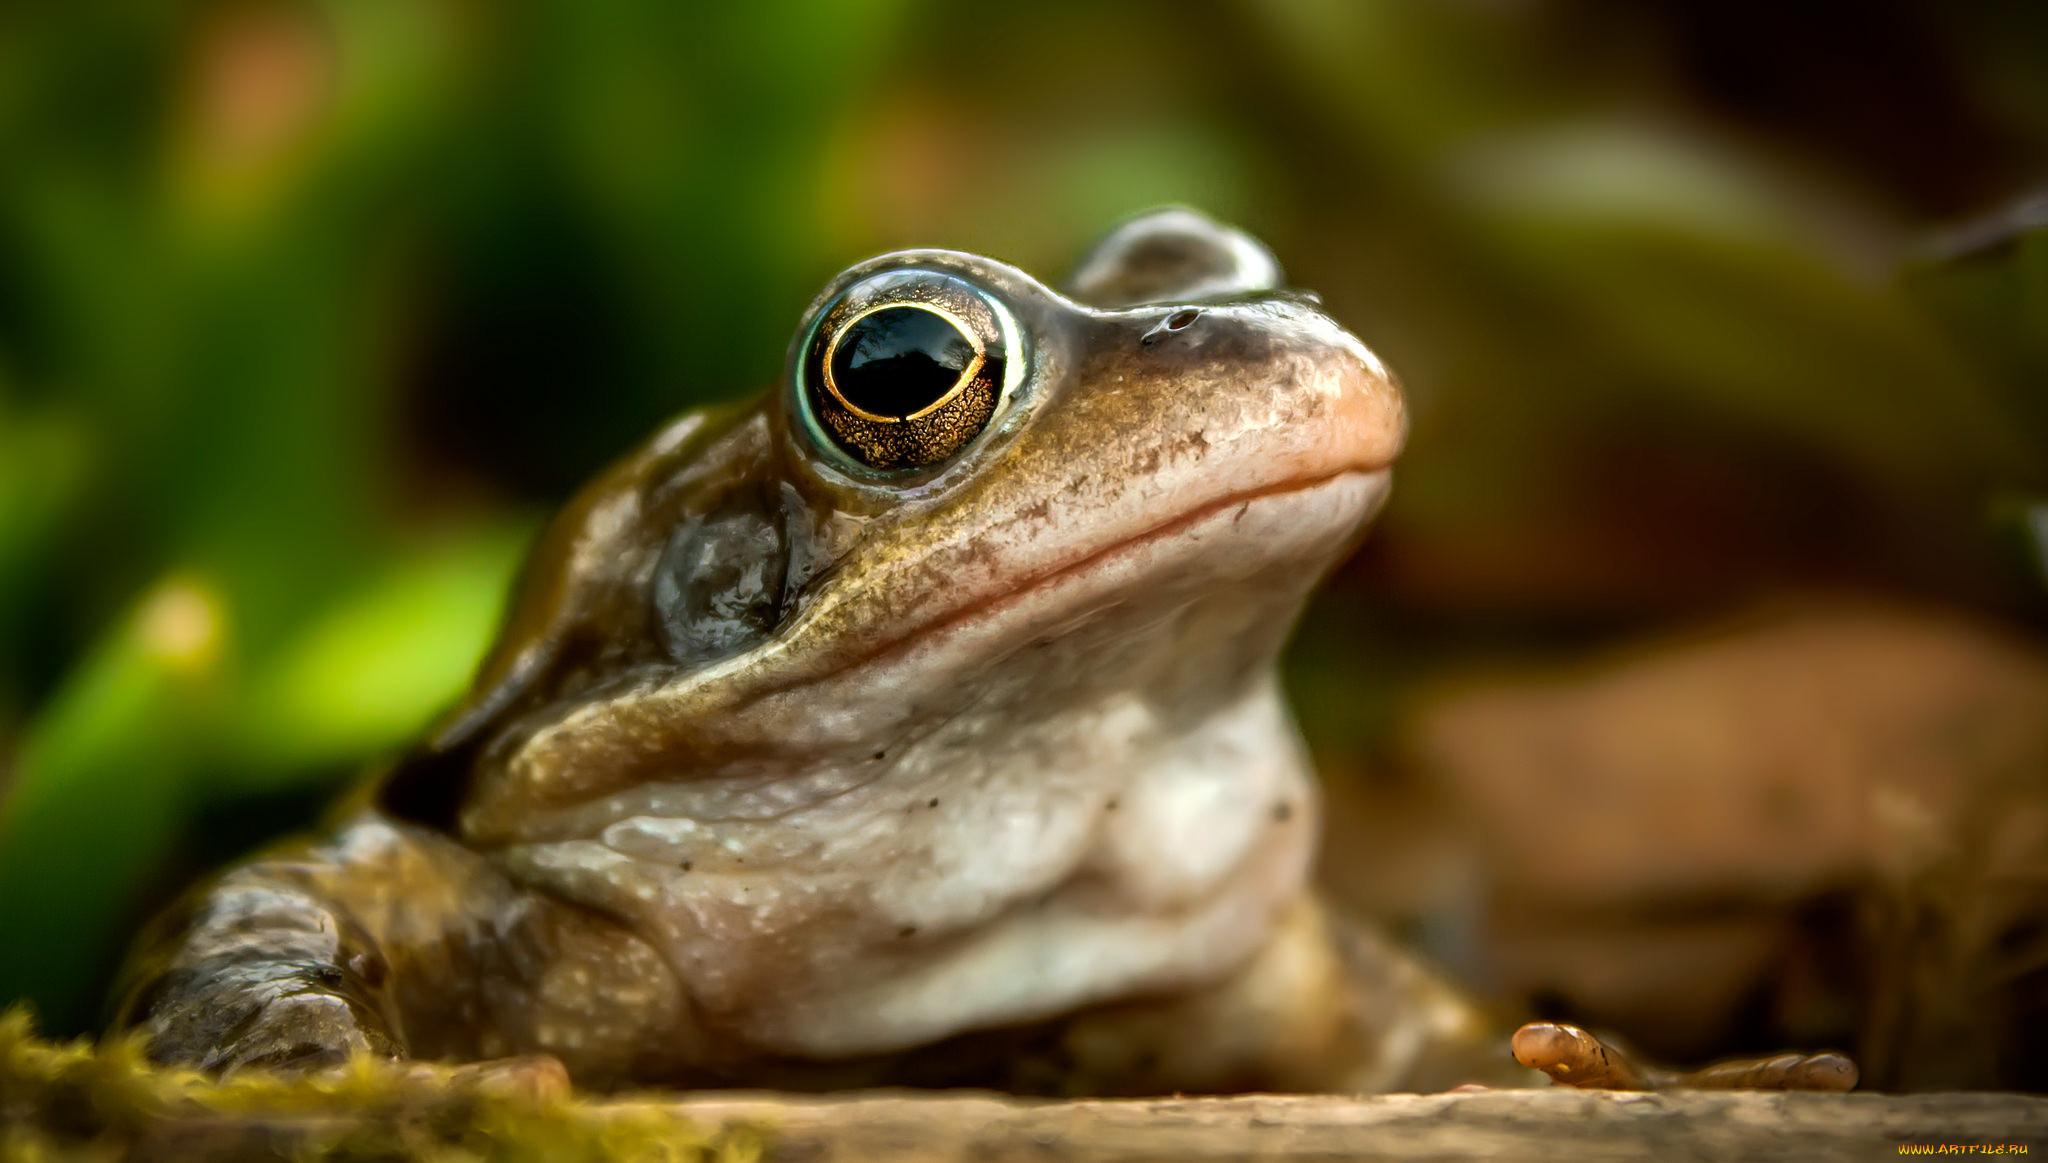 светлый лягушонок красивая картинка под котельную